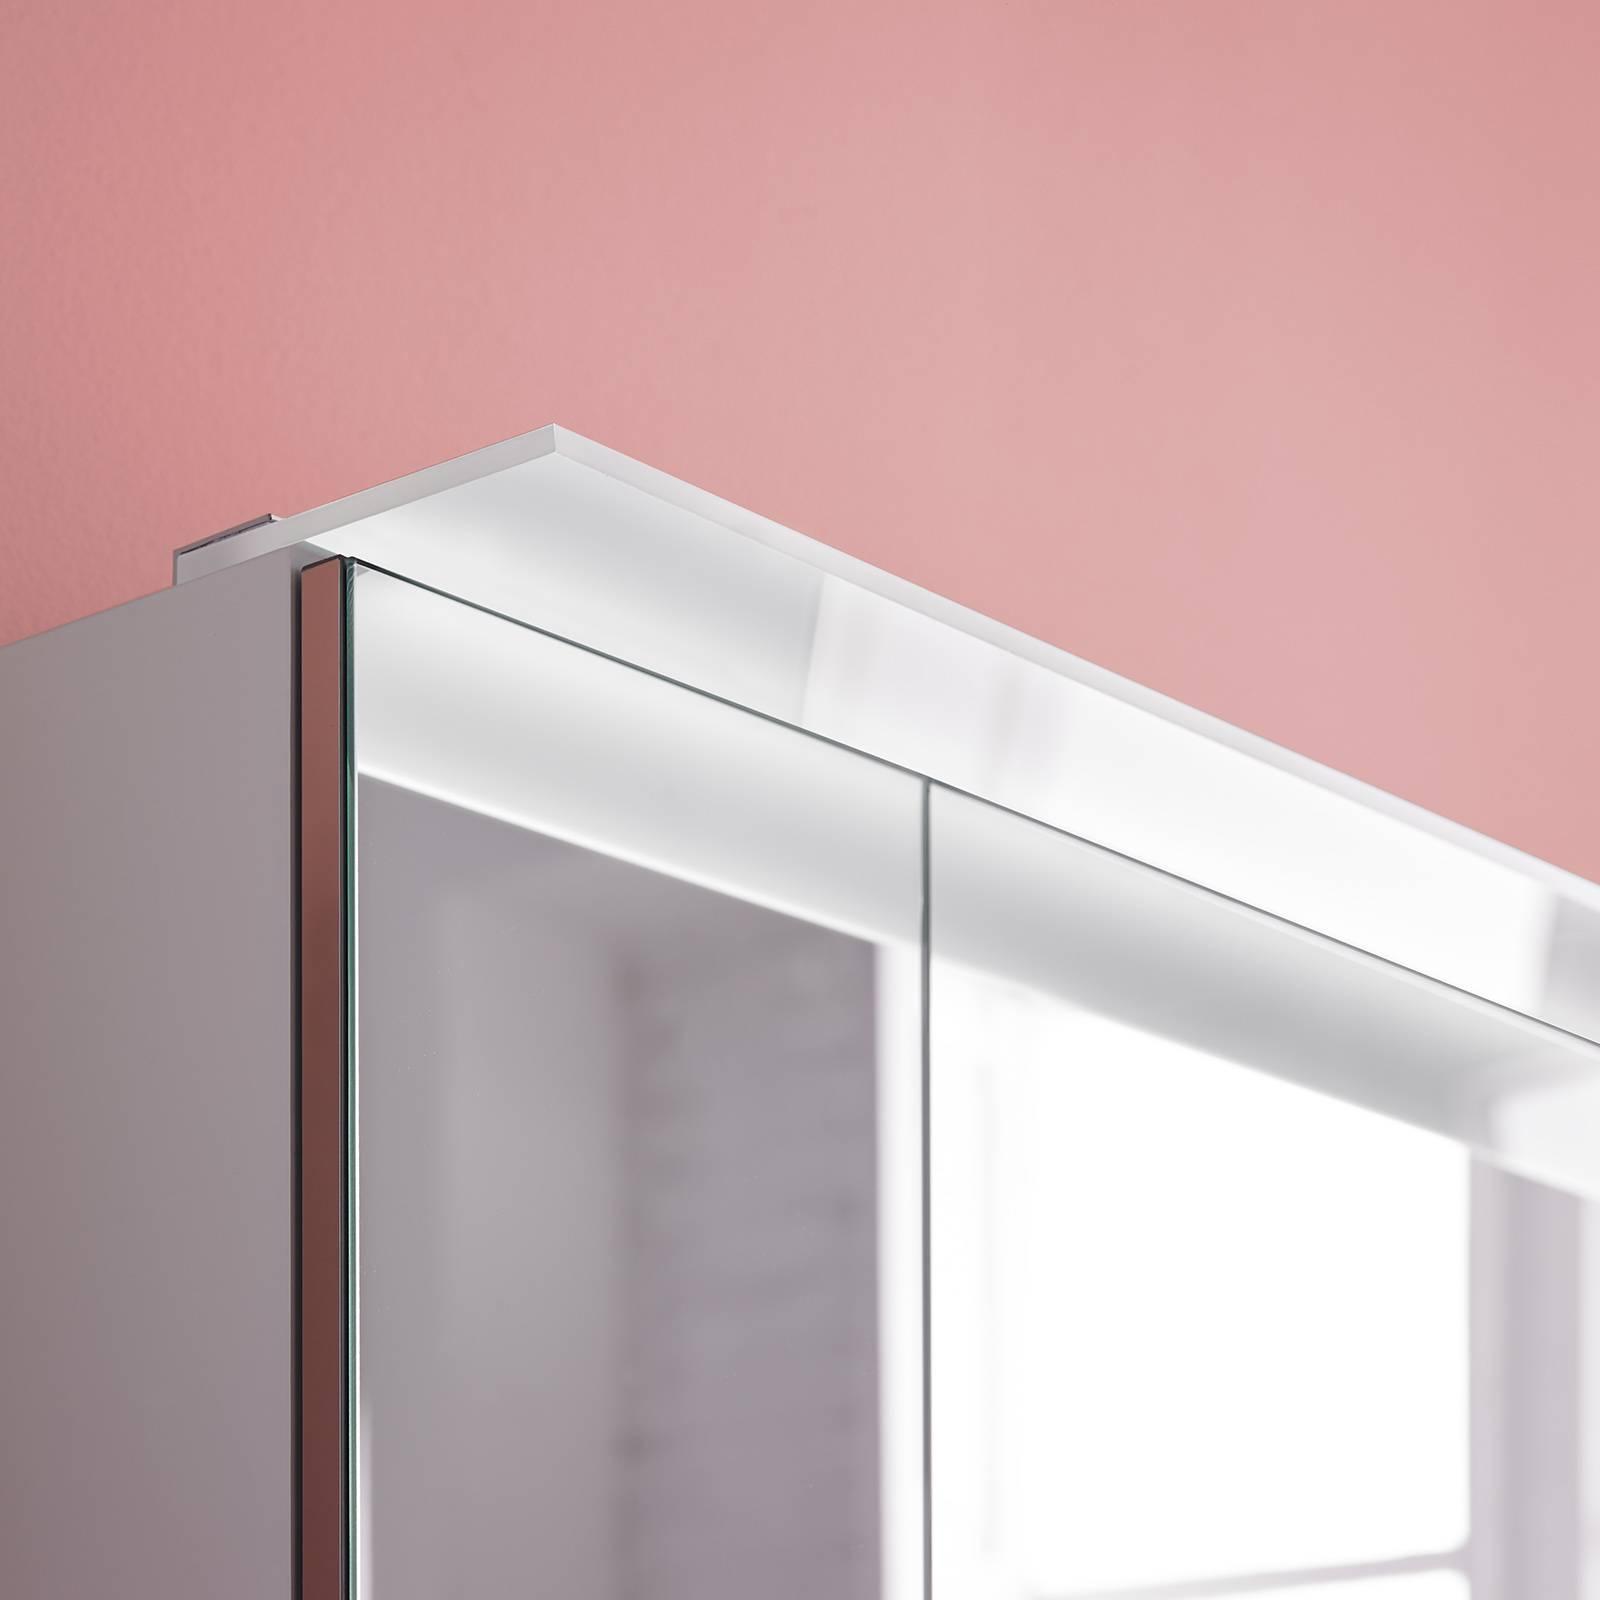 Lampada LED per mobile Adele, larghezza 100 cm